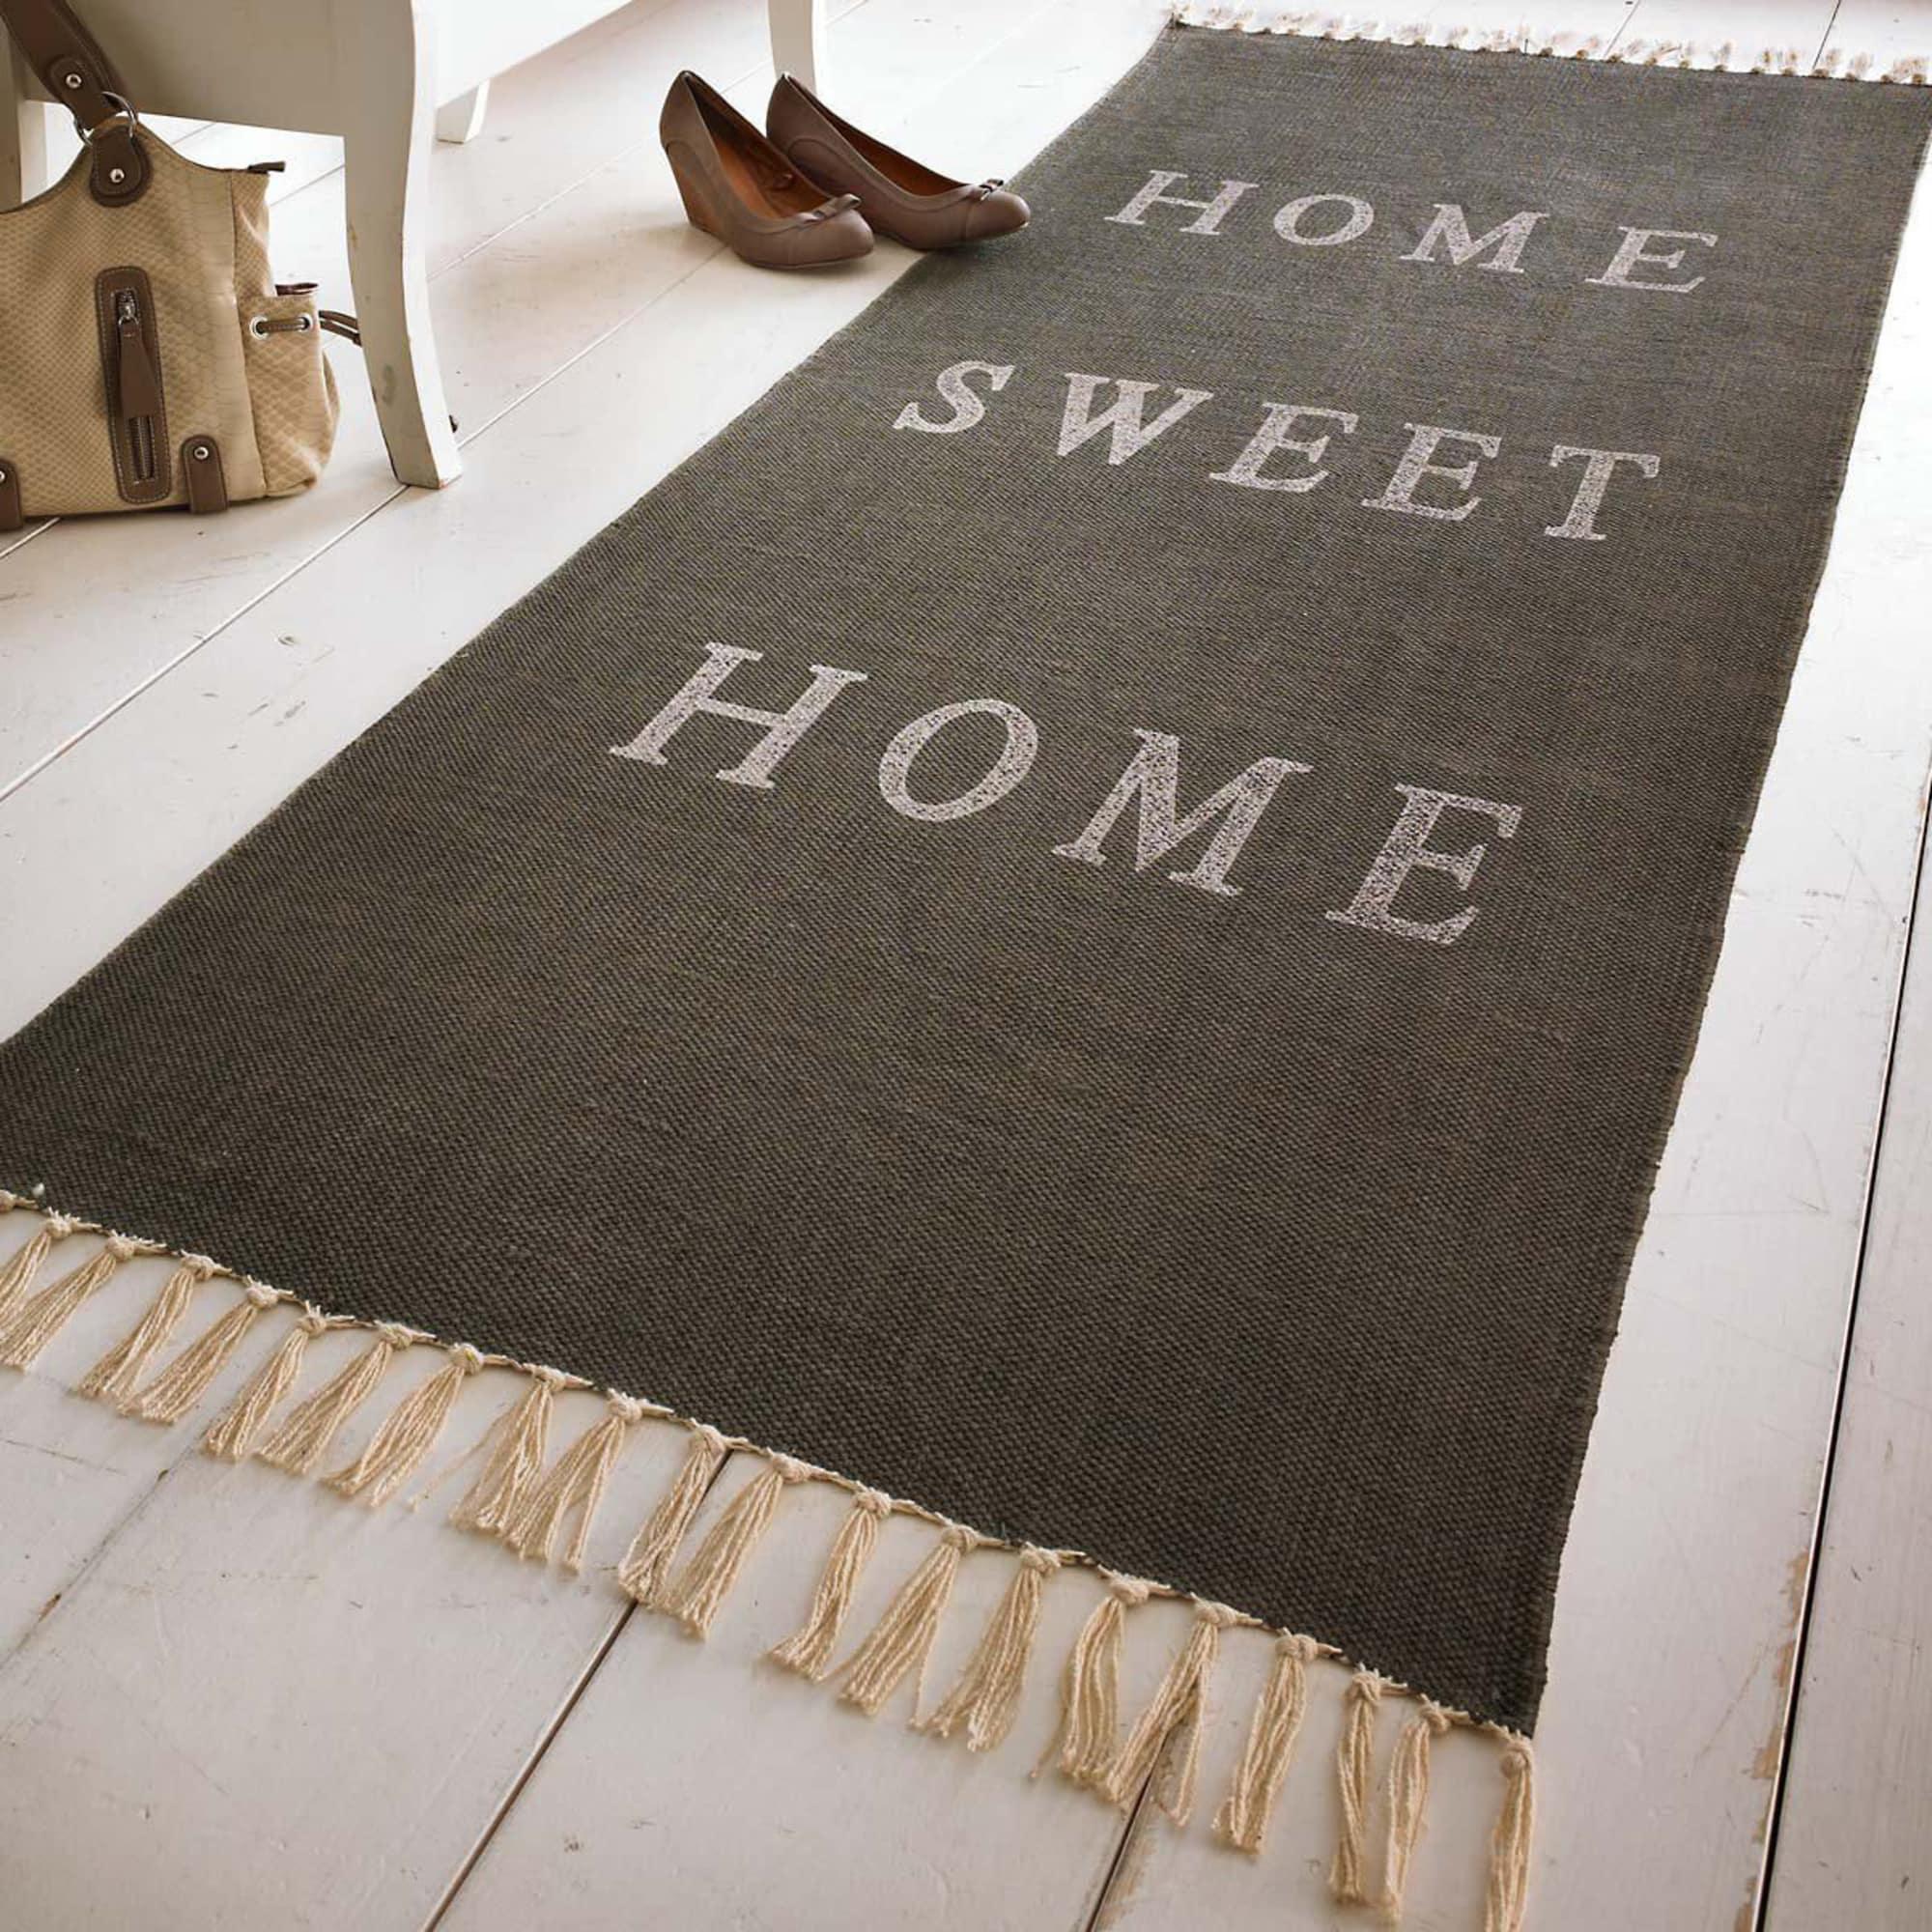 Läufer Home sweet home, Baumwolle